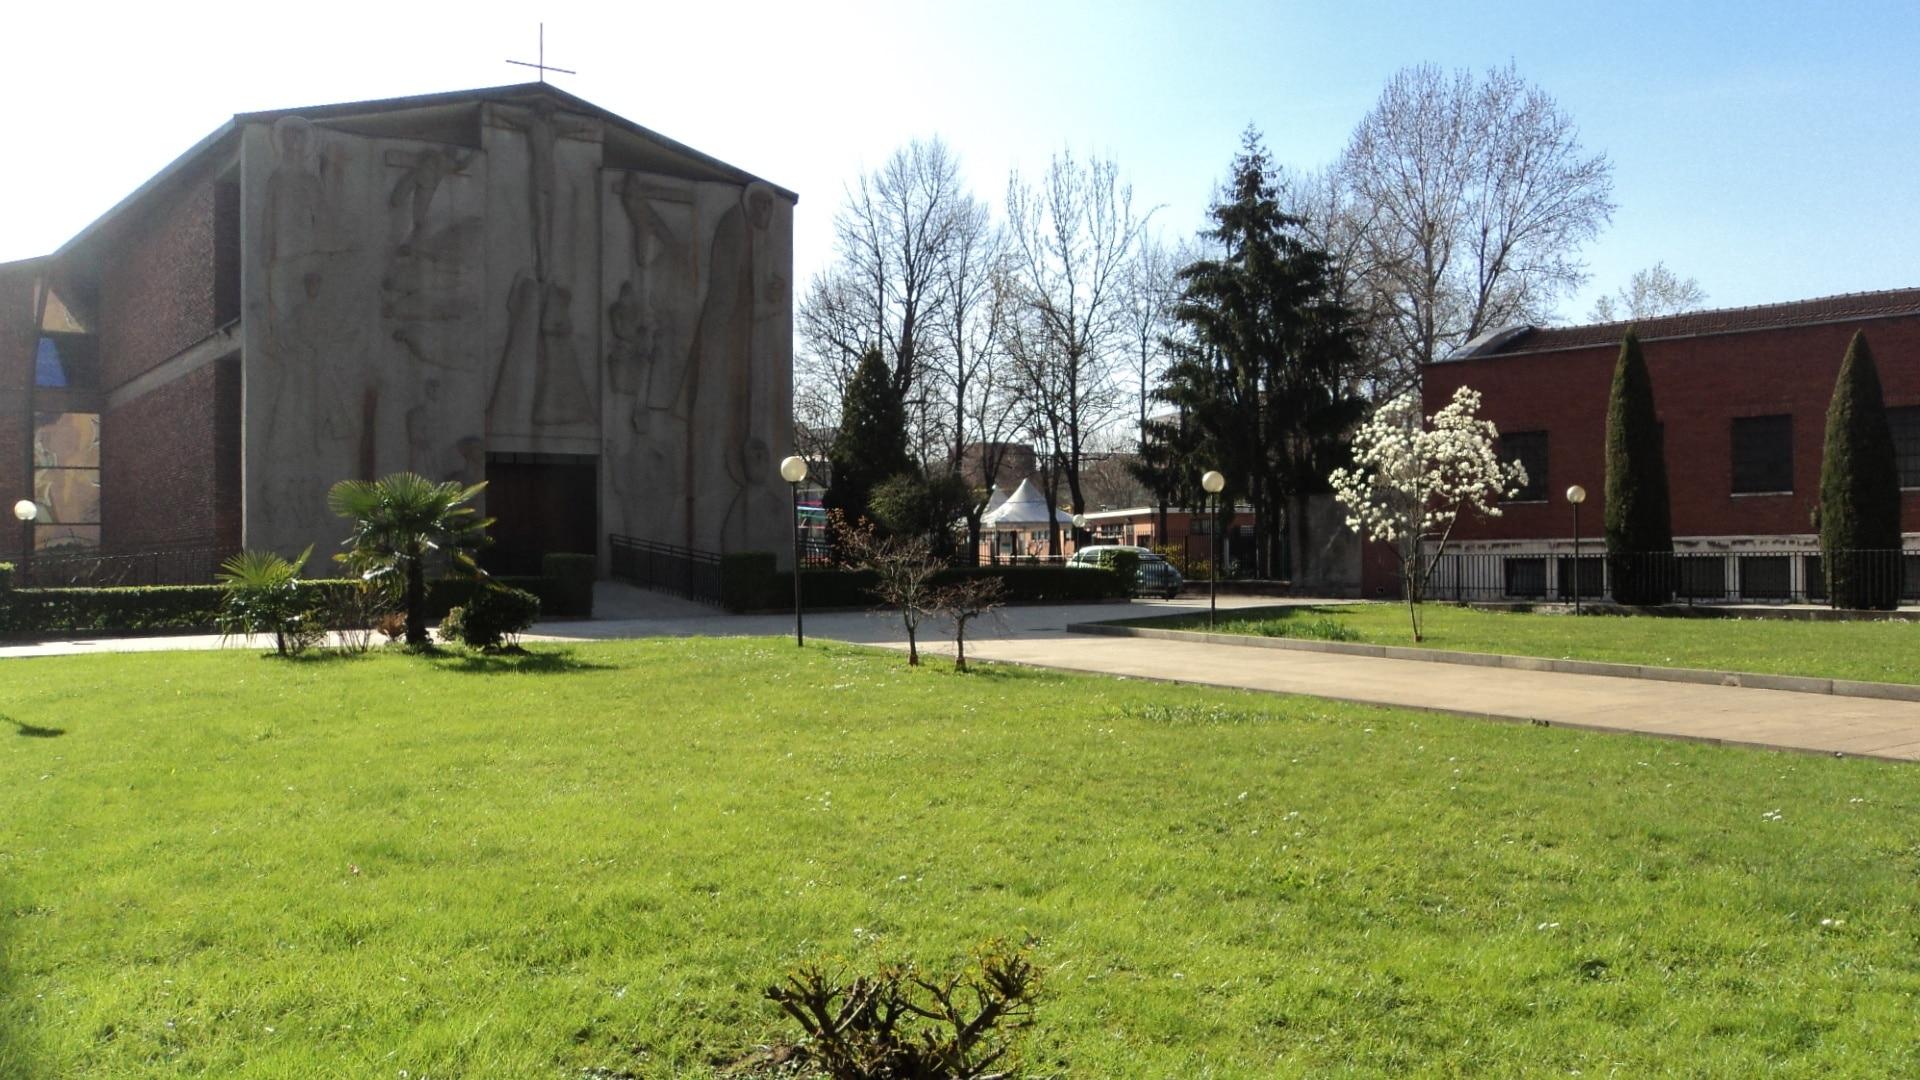 Villapizzone, Mailand, Lombardei, Italien